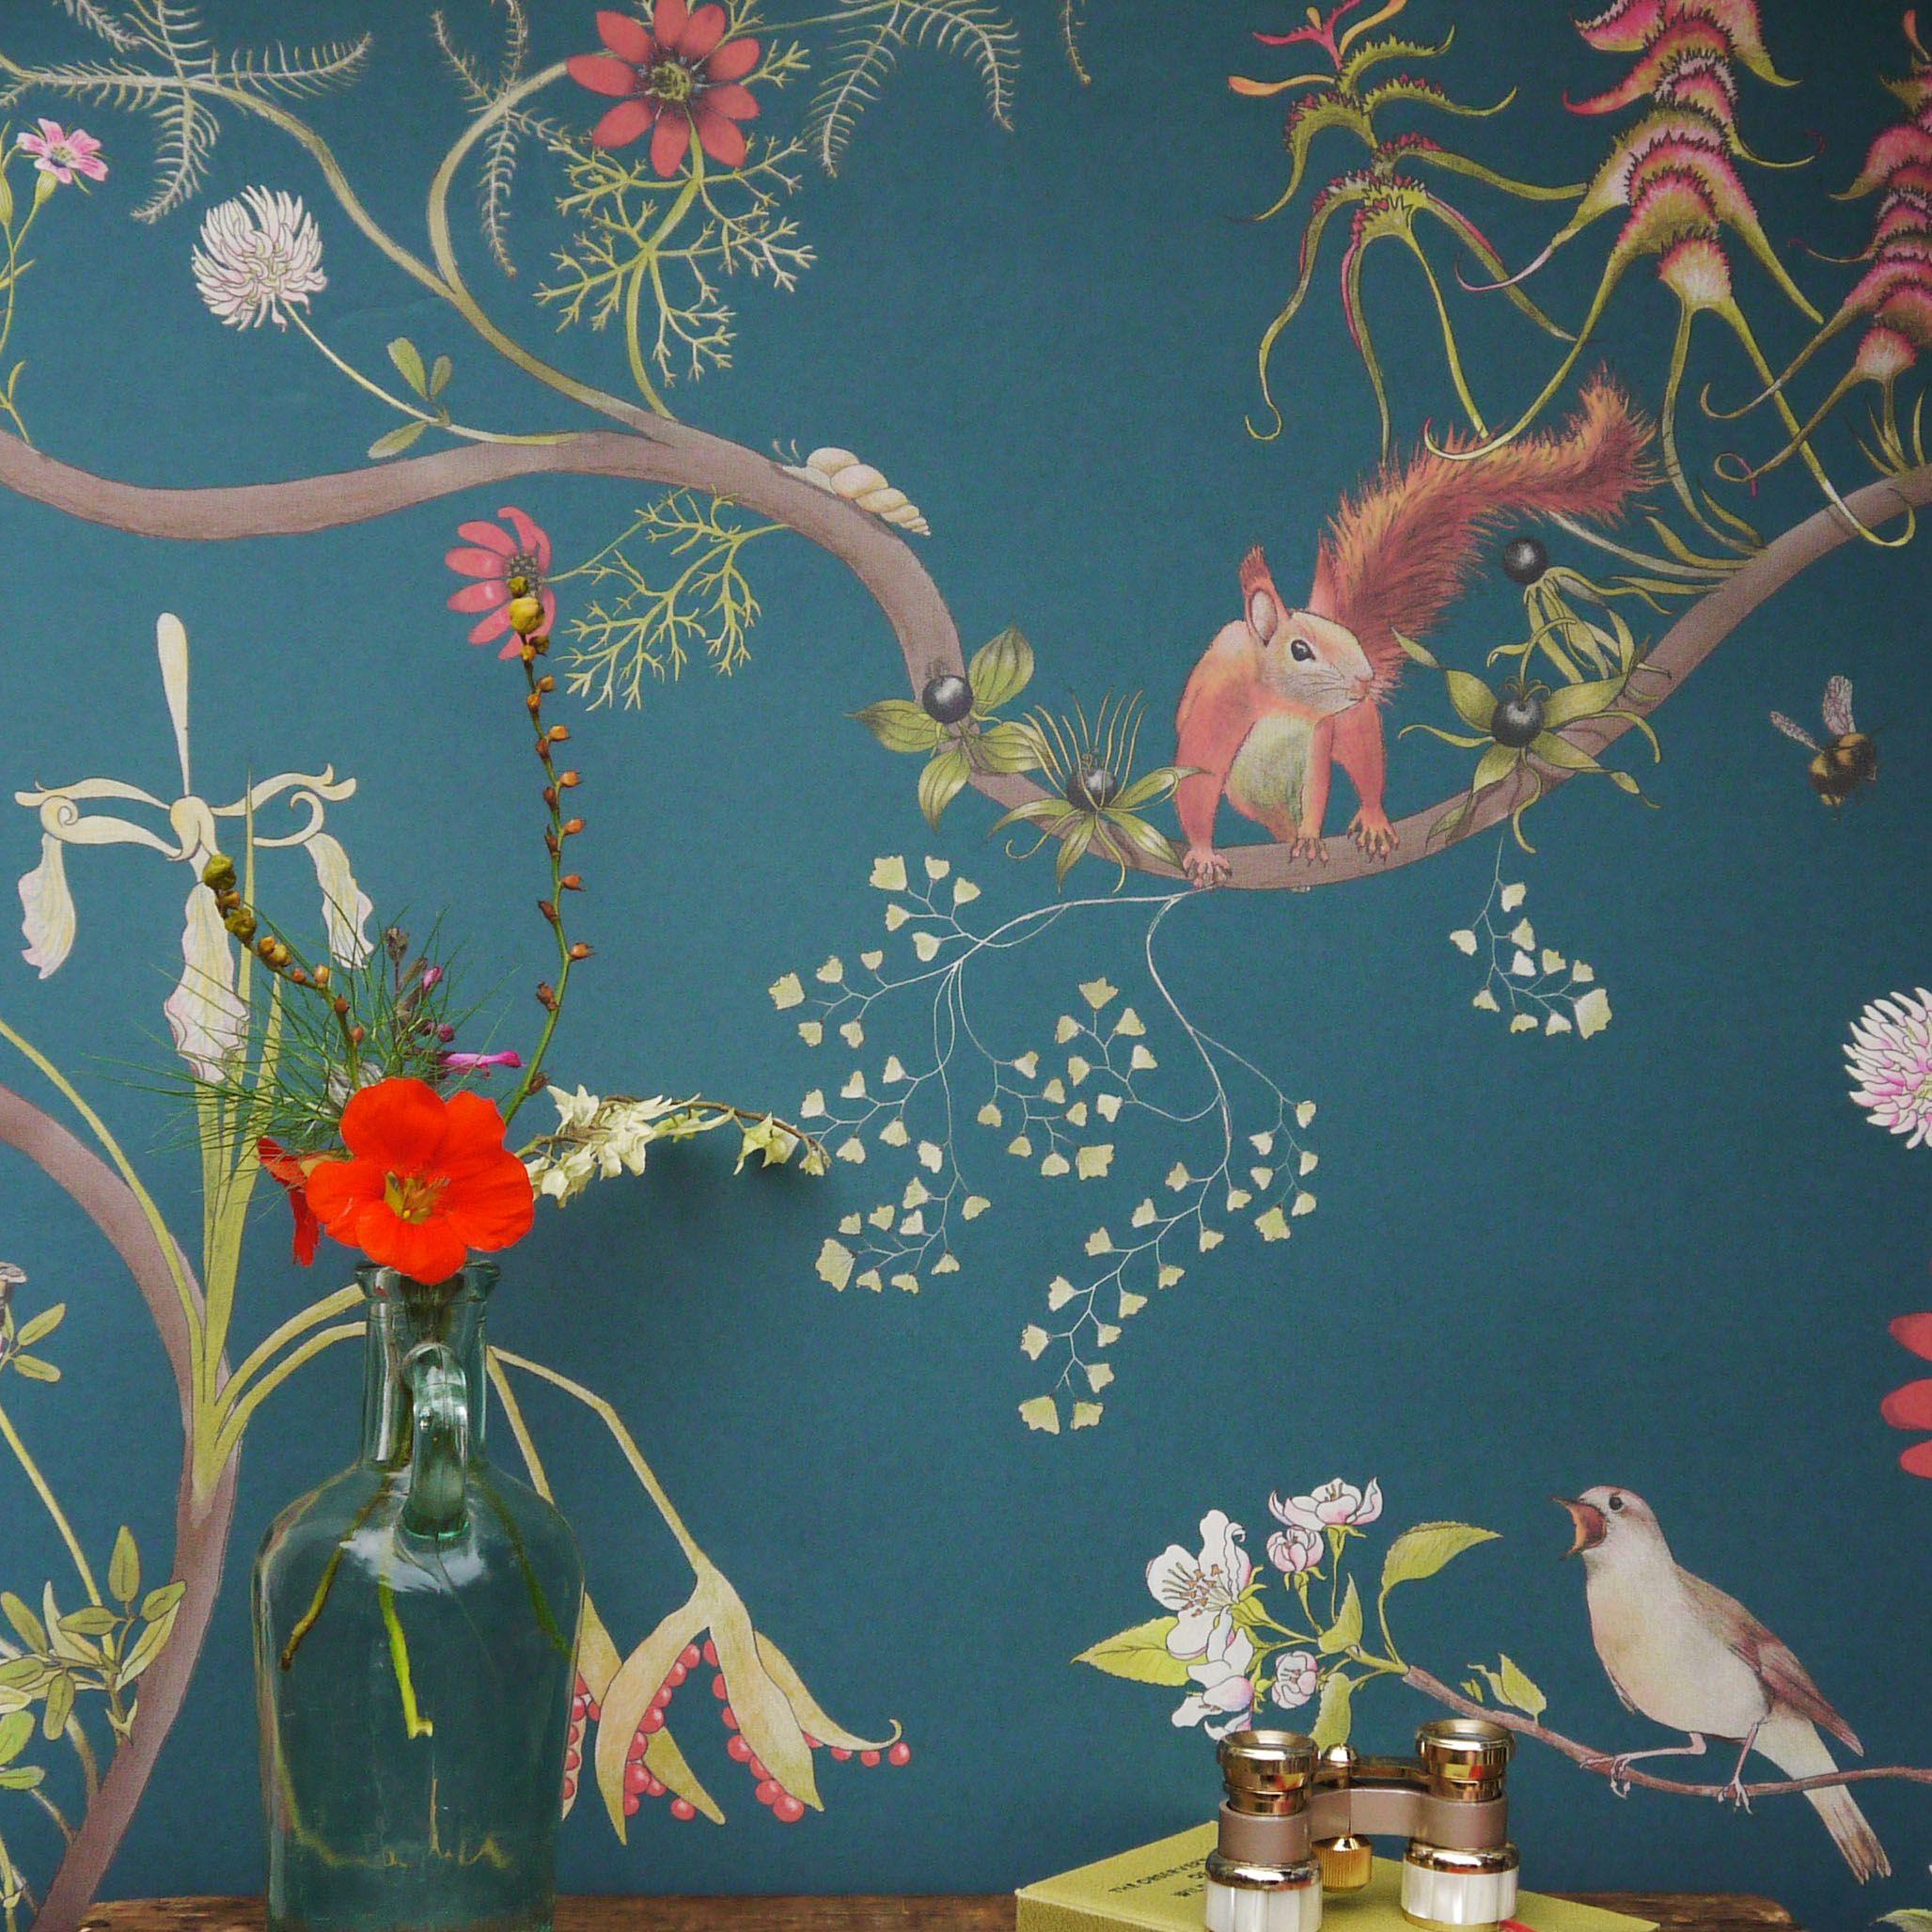 Wallpaper Planning Botanical Wallpaper Eclectic Wallpaper Scandinavian Wallpaper